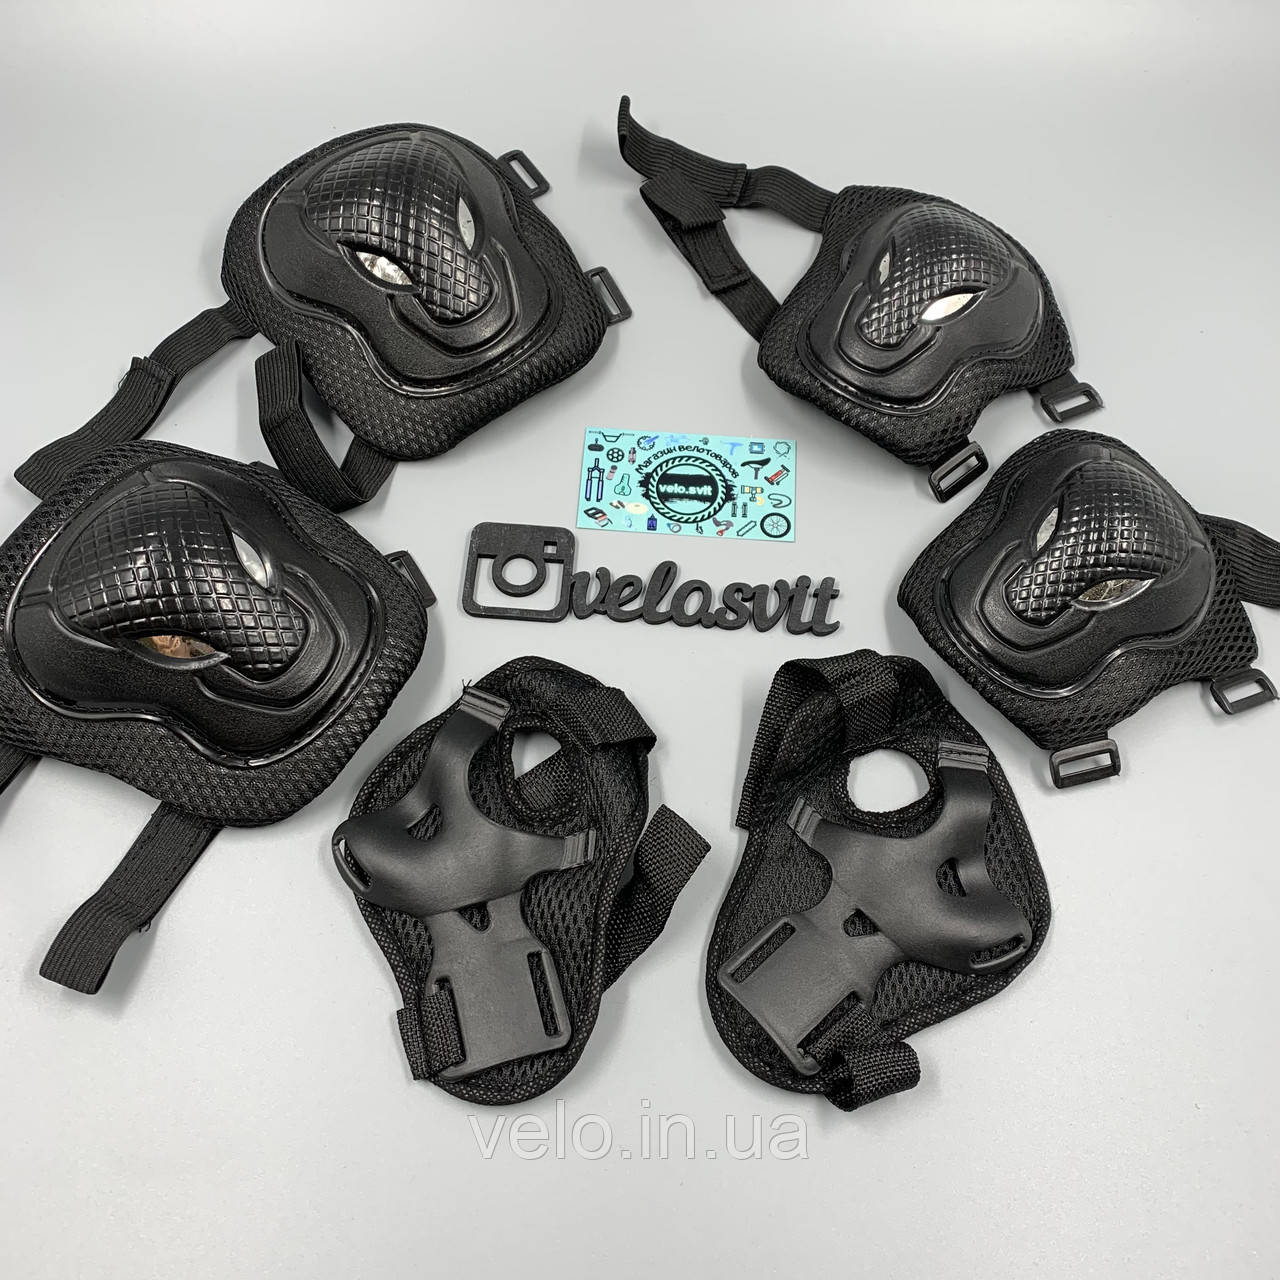 Комплект защиты для взрослых, налокотники, наколенники, перчатки